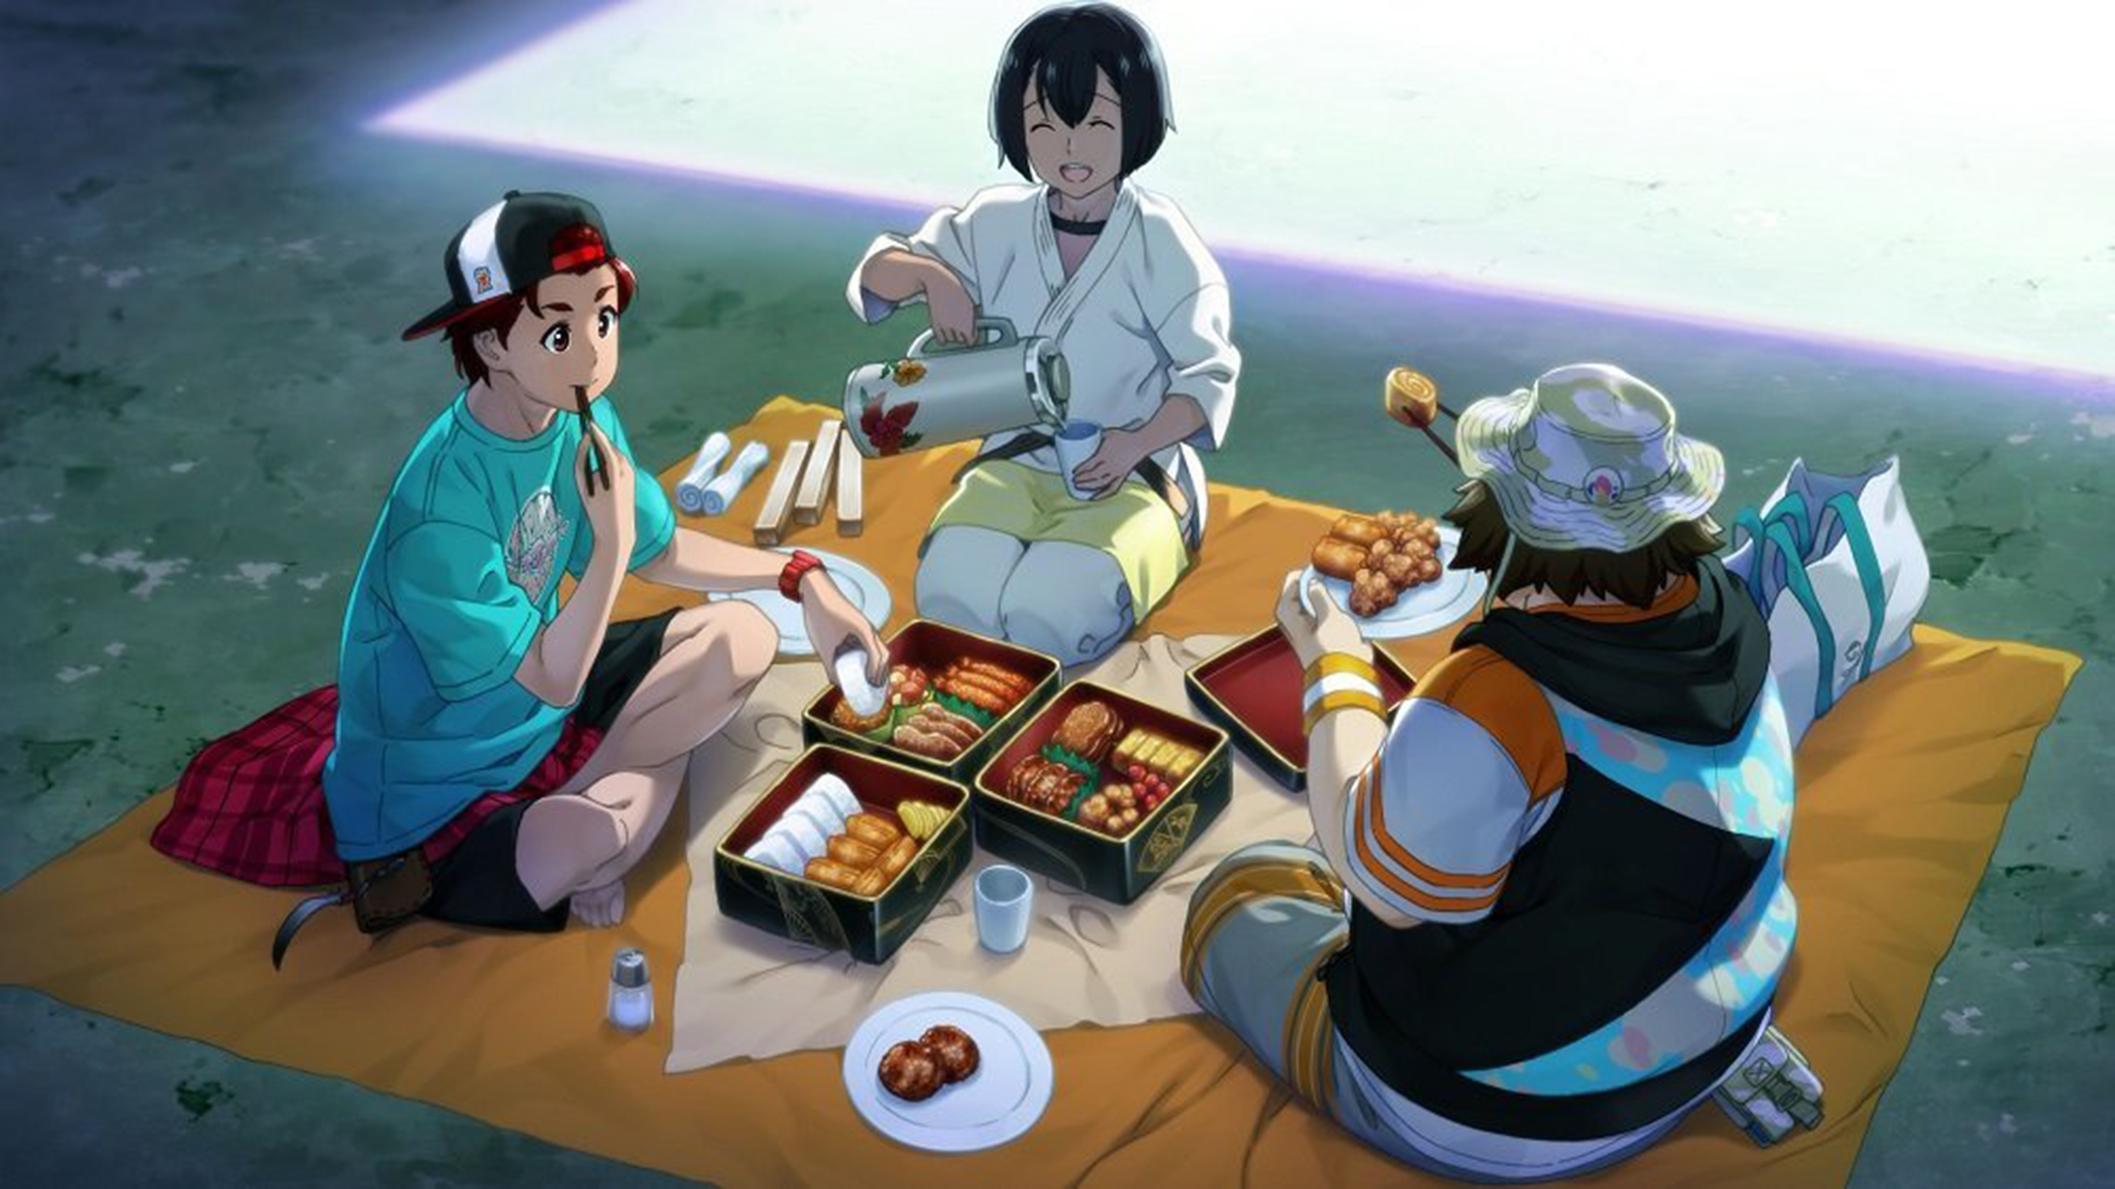 DasH partage un repas avec les personnages de Robotics;Notes !